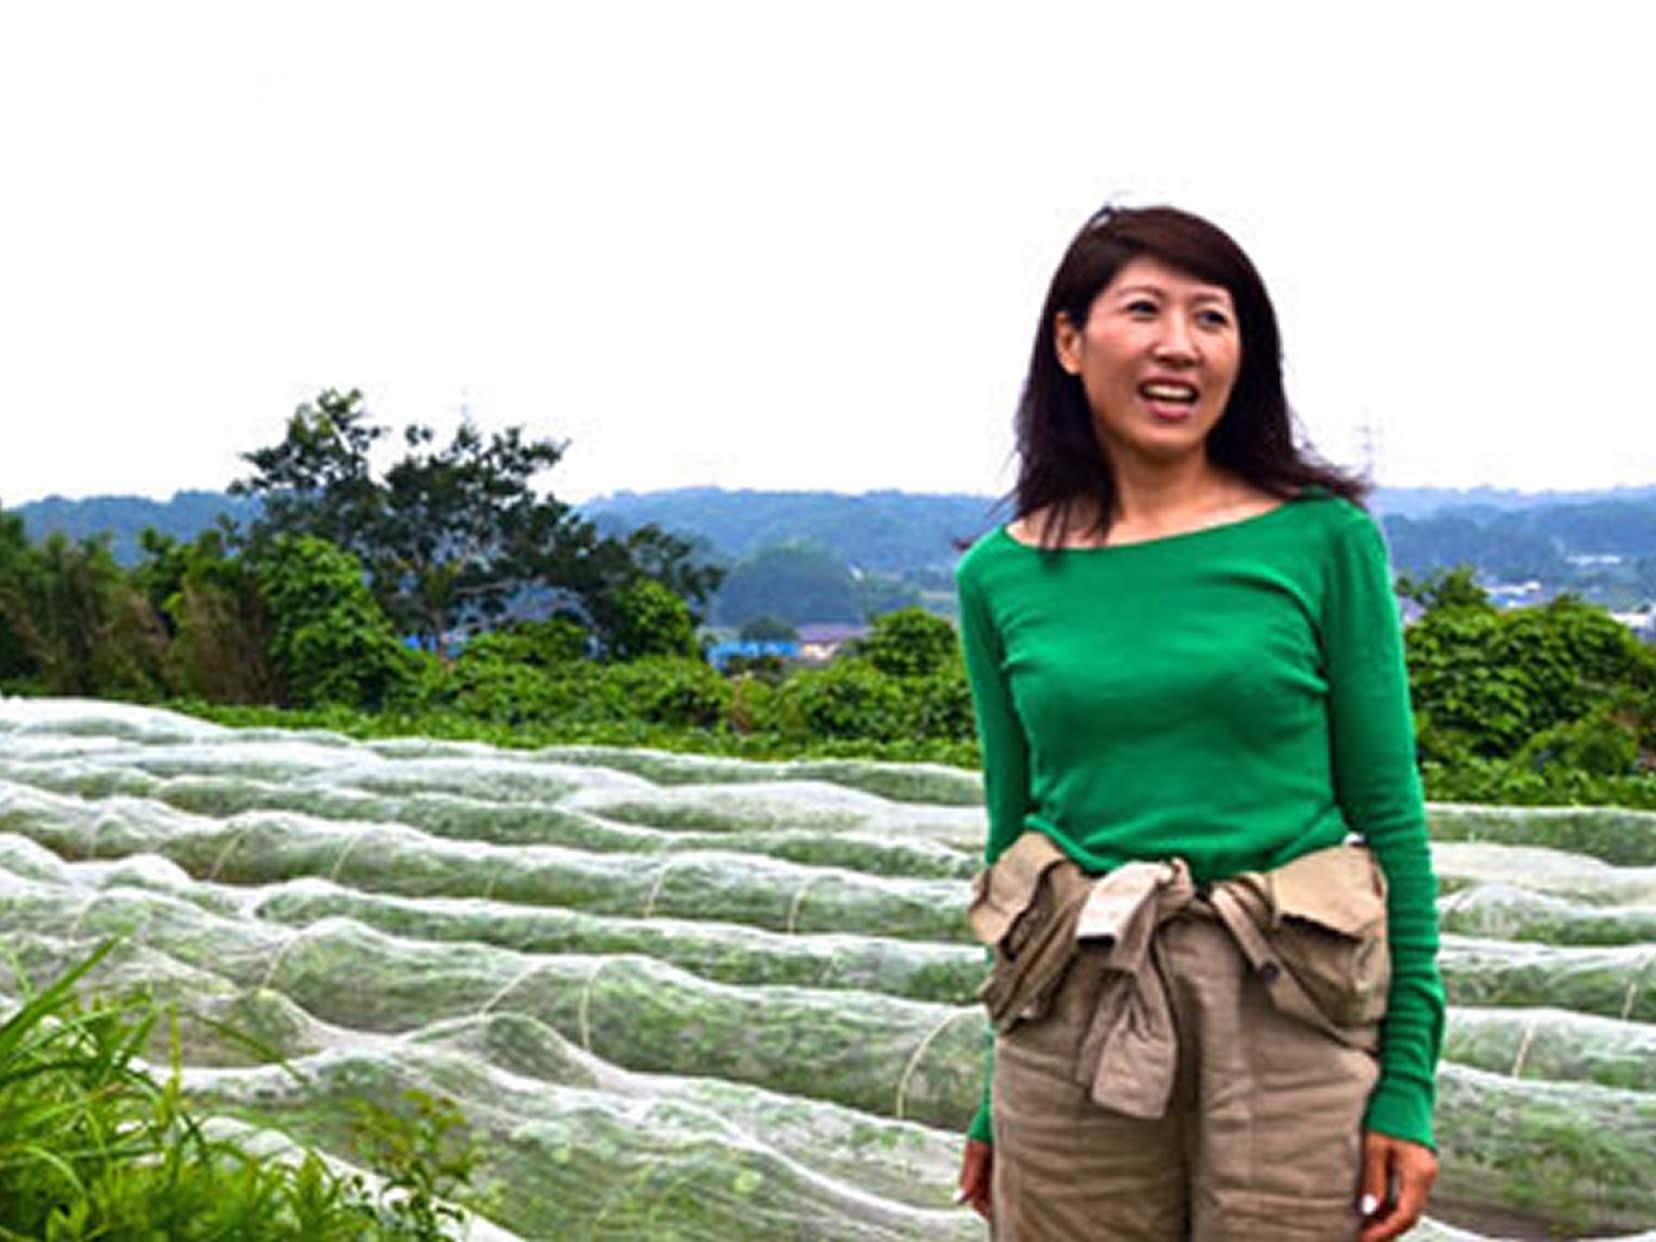 14年間、農薬、肥料を使用していない「コシヒカリ(玄米)」